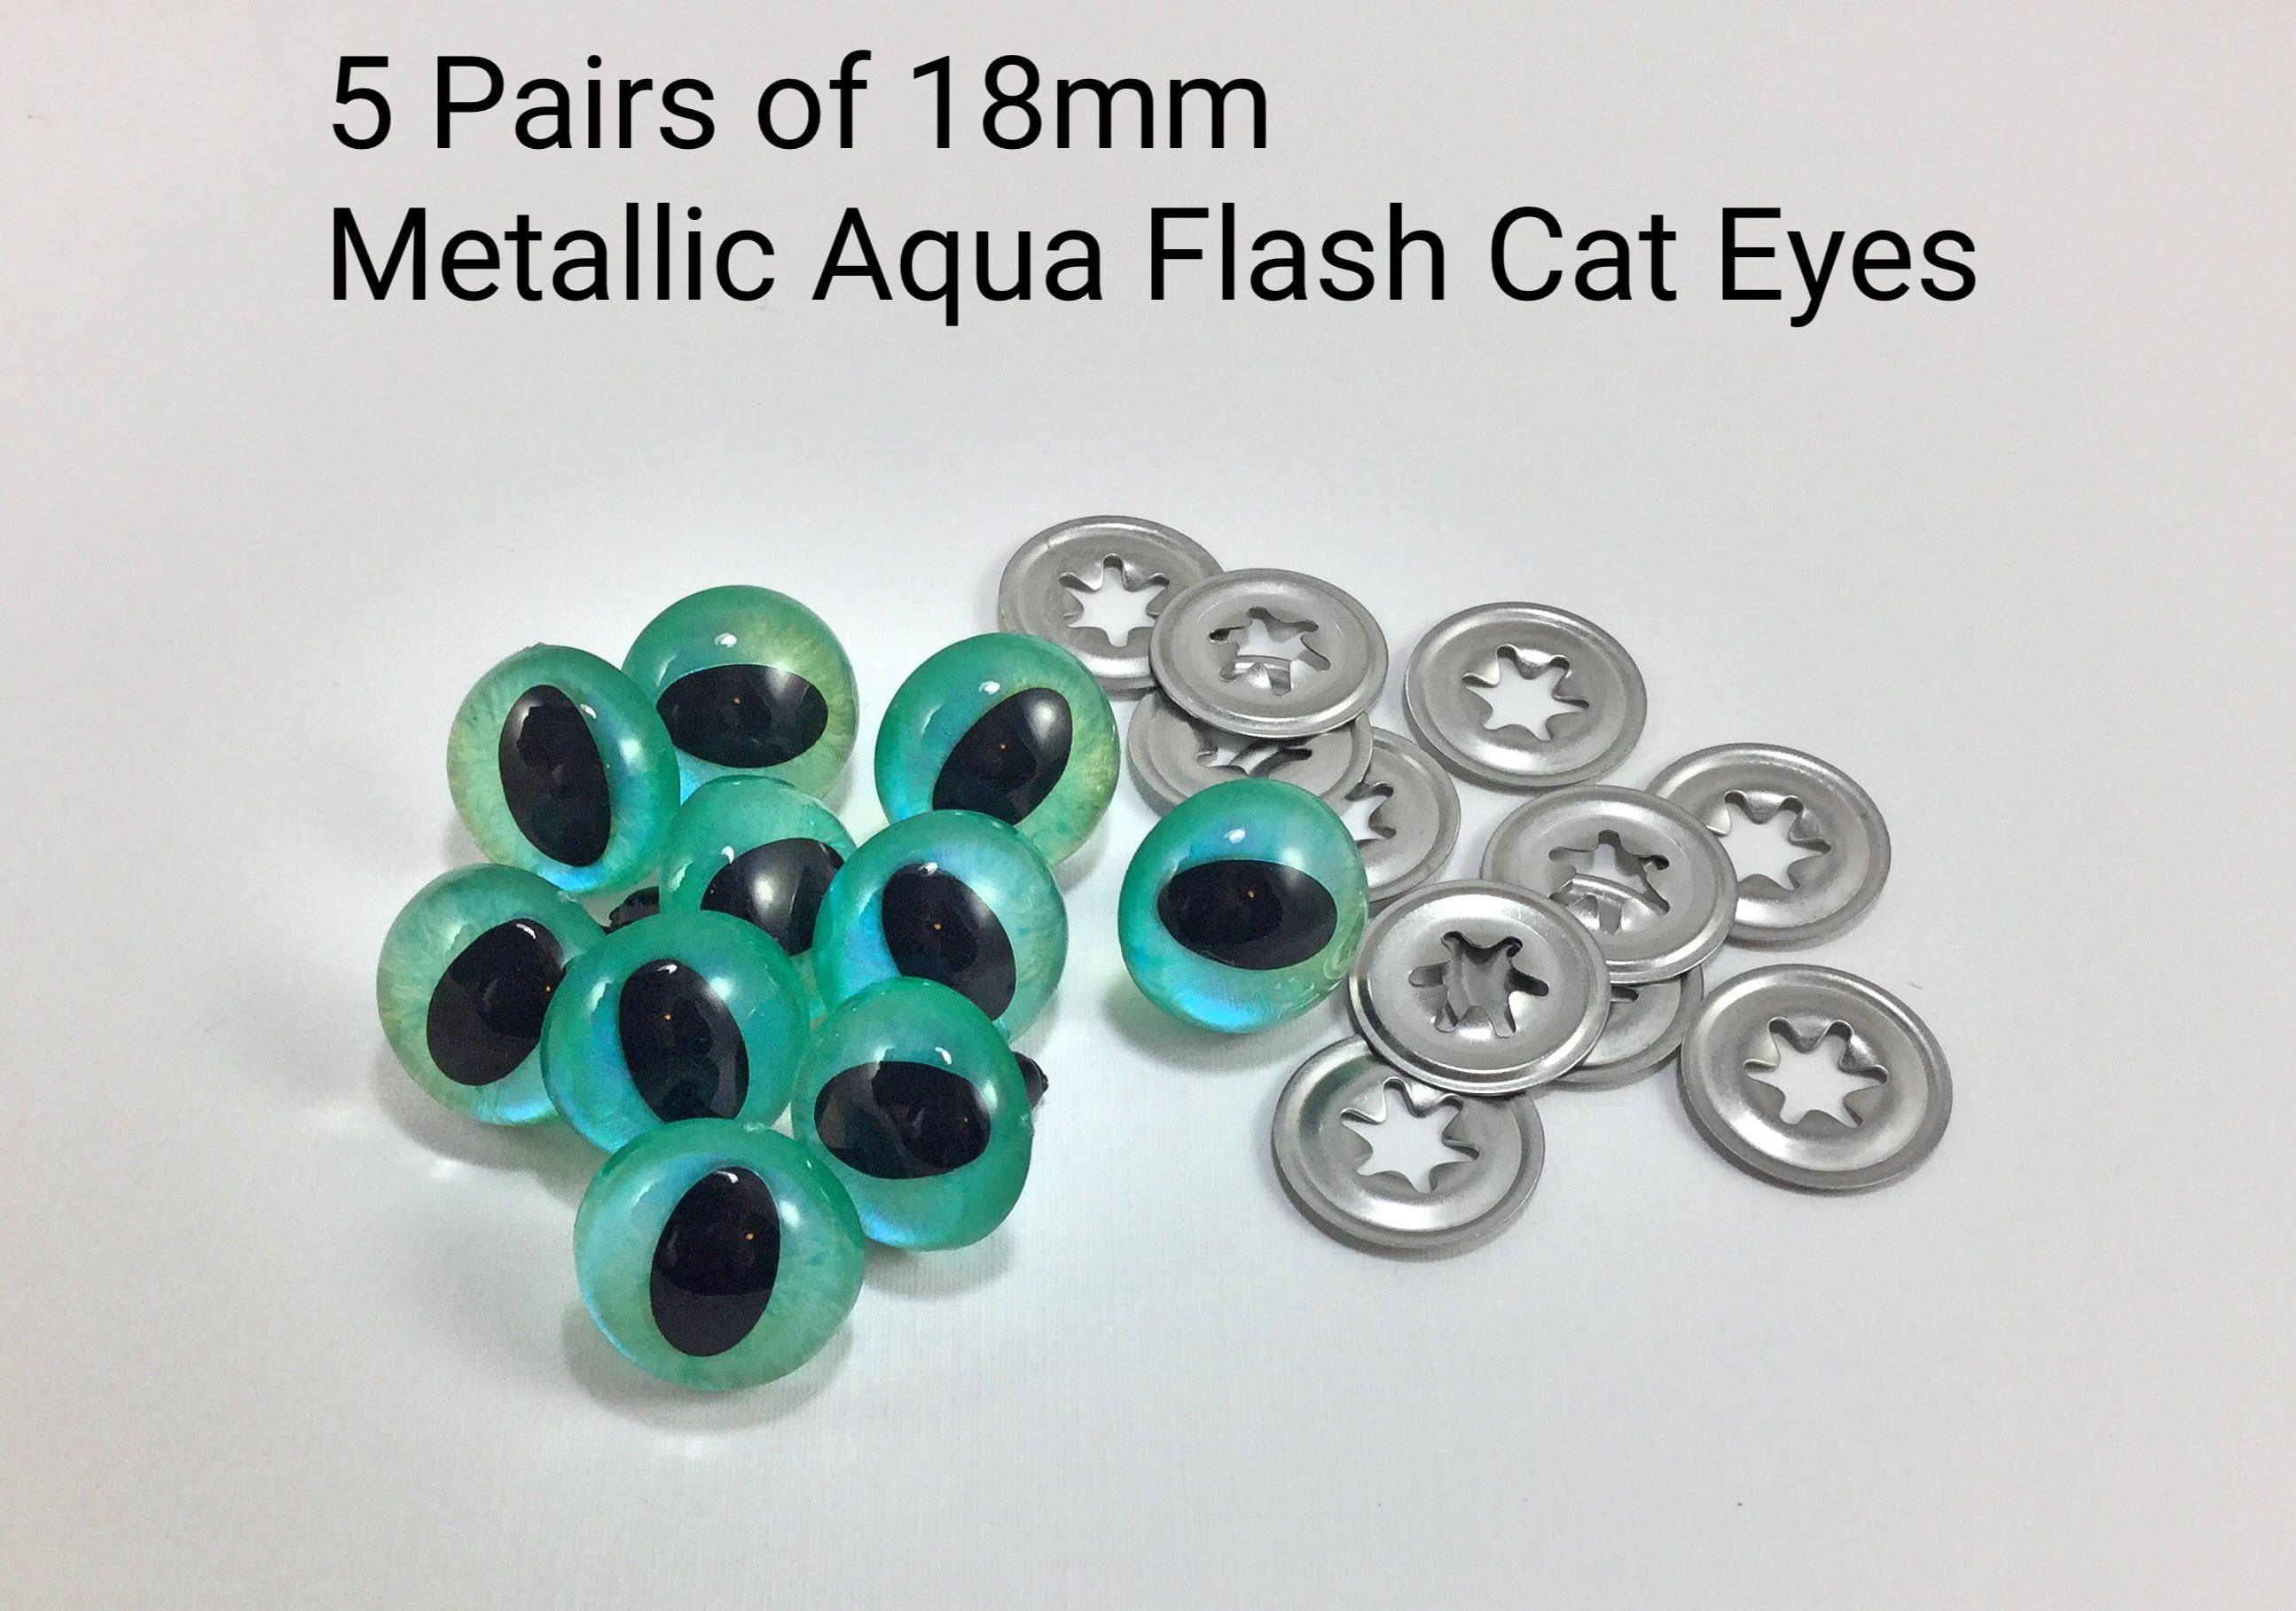 Crochet Eyes Tutorial - An Alternative To Plastic Safety Eyes ... | 1817x2589